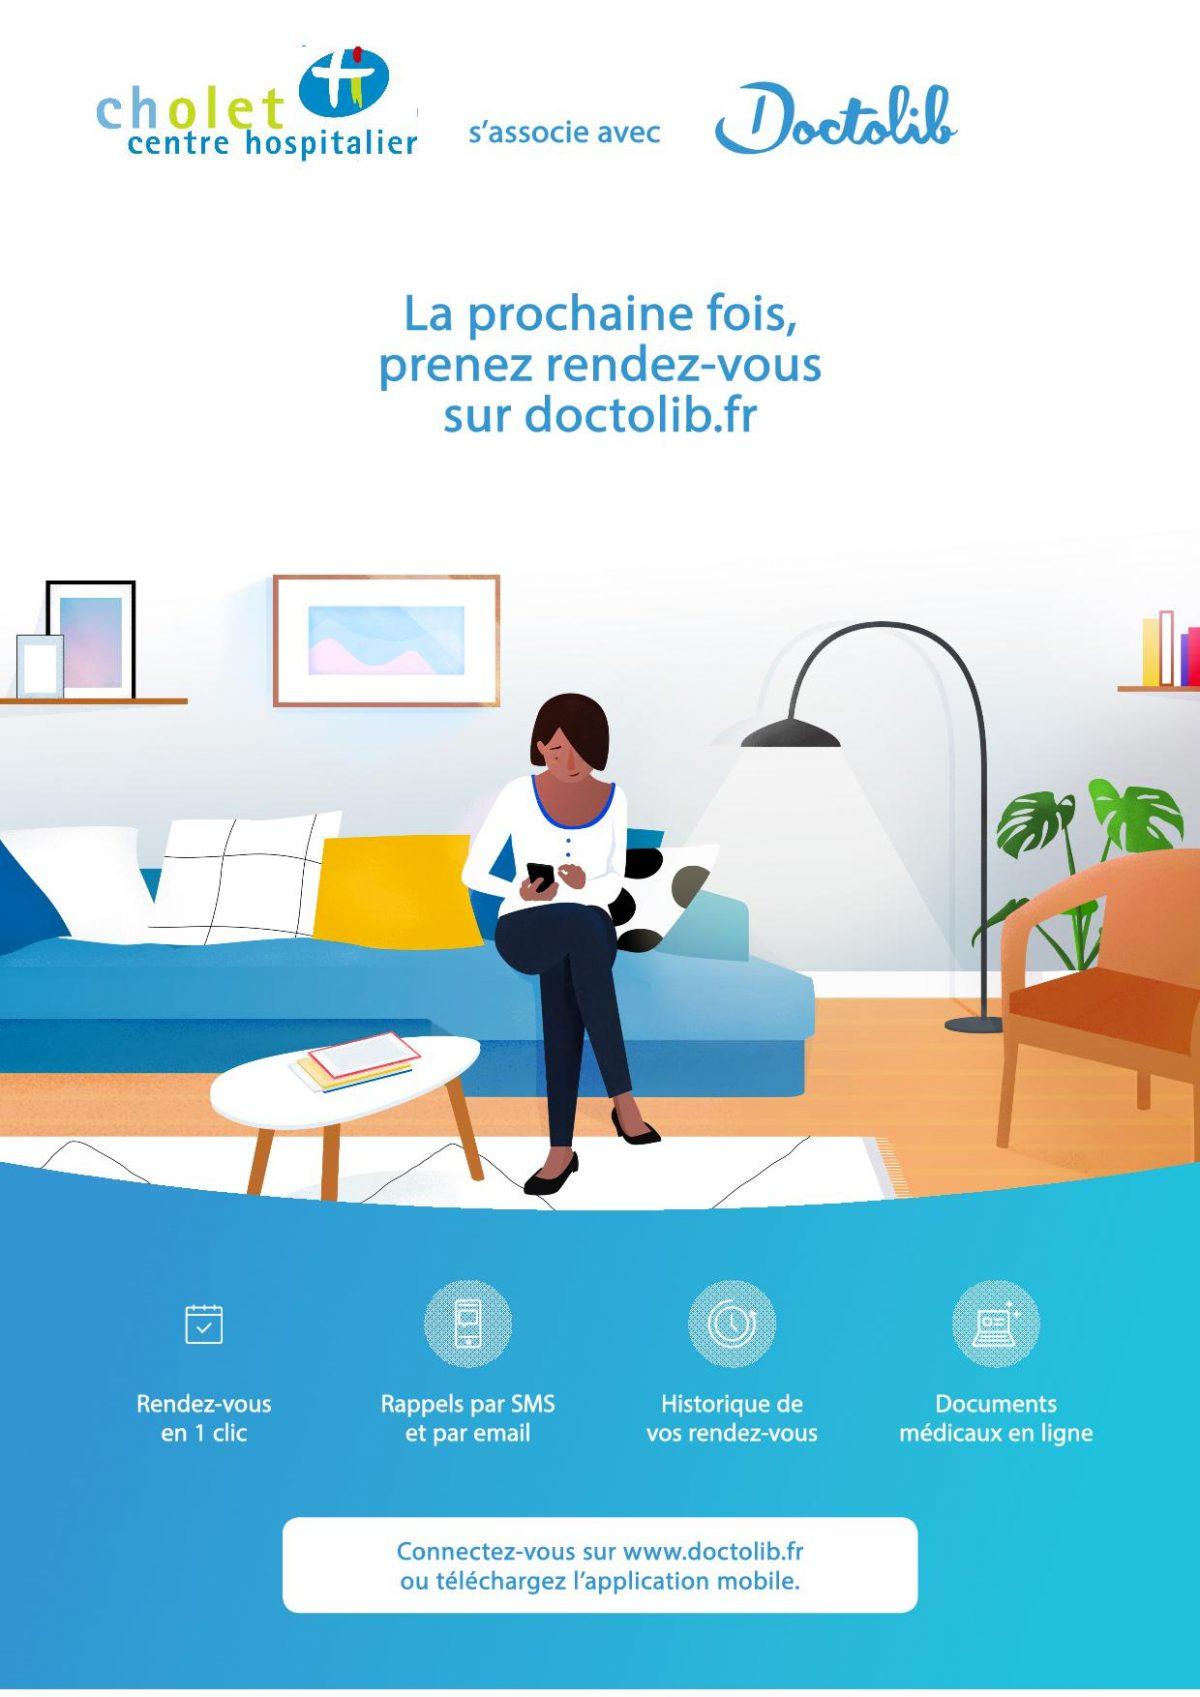 Doctolib_Centre Hospitalier de Cholet